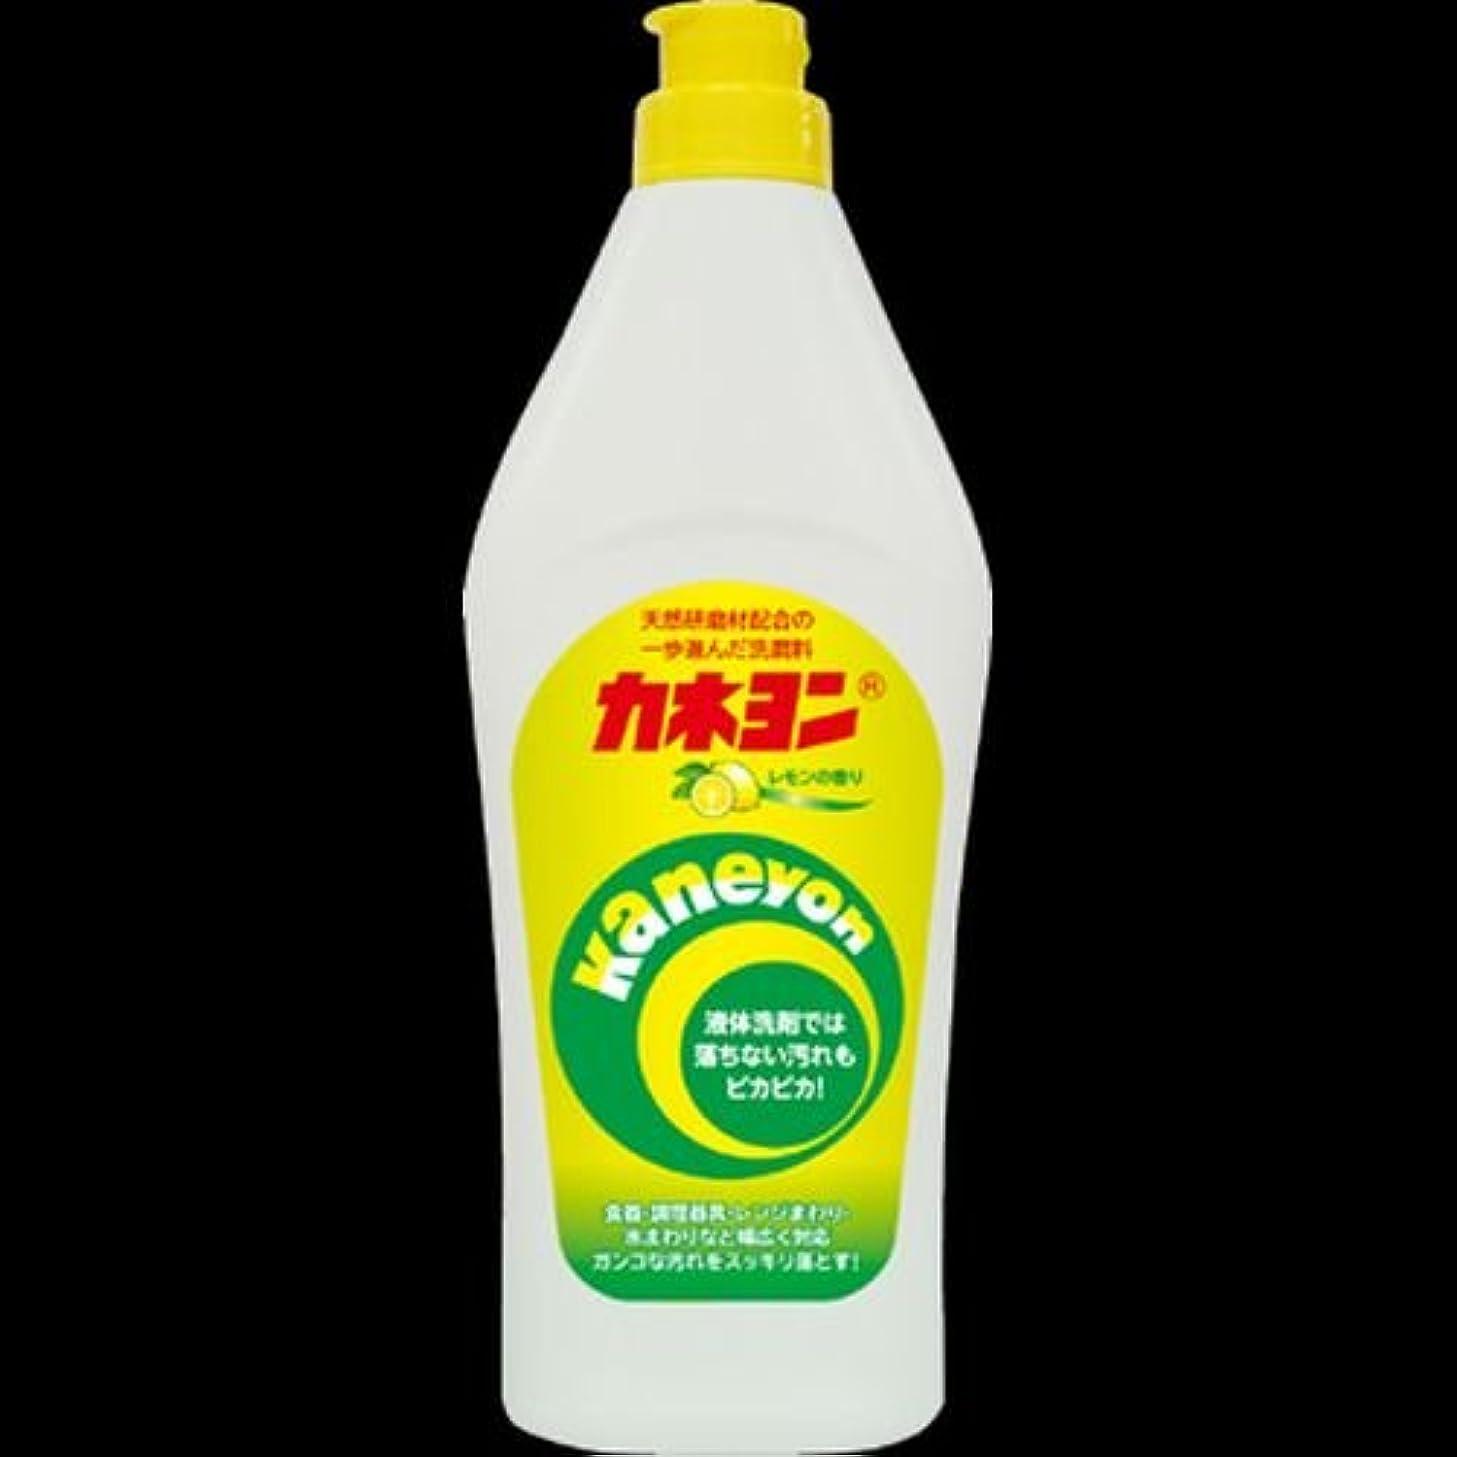 の前で増加するあからさま【まとめ買い】カネヨ石鹸 カネヨンレモン 550g ×2セット